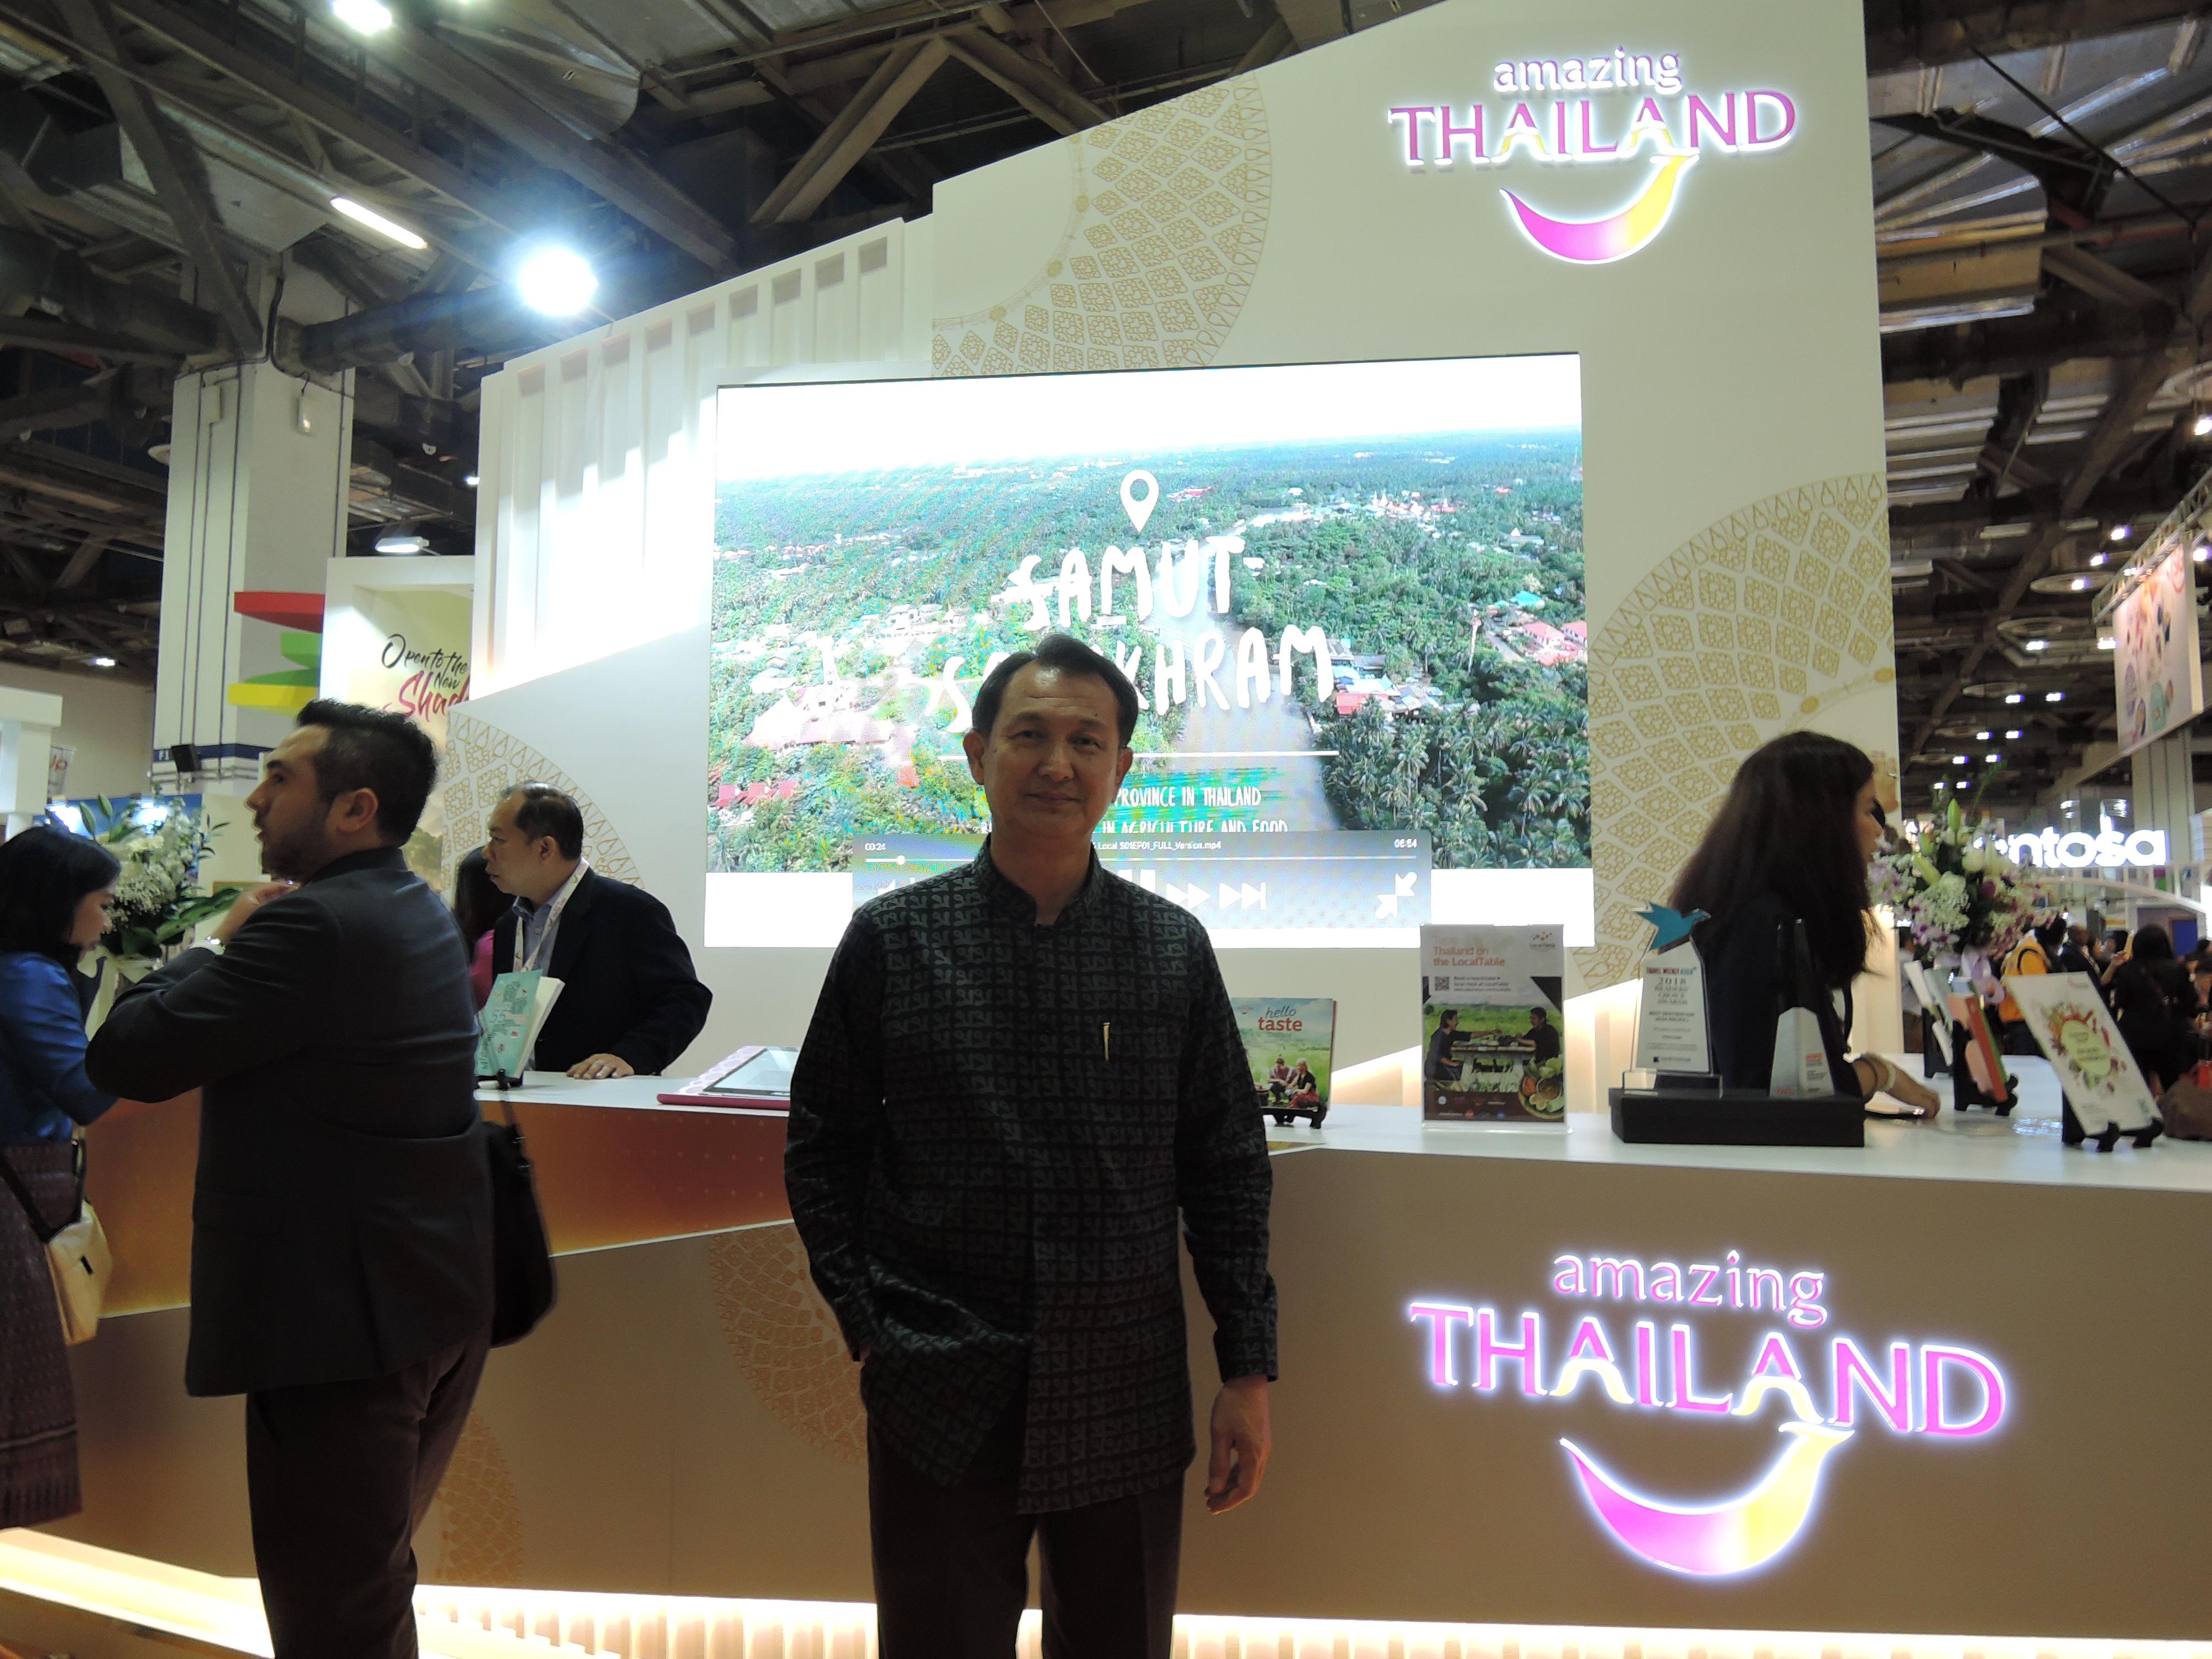 ททท ประเทศไทย ผู้อำนวยการ